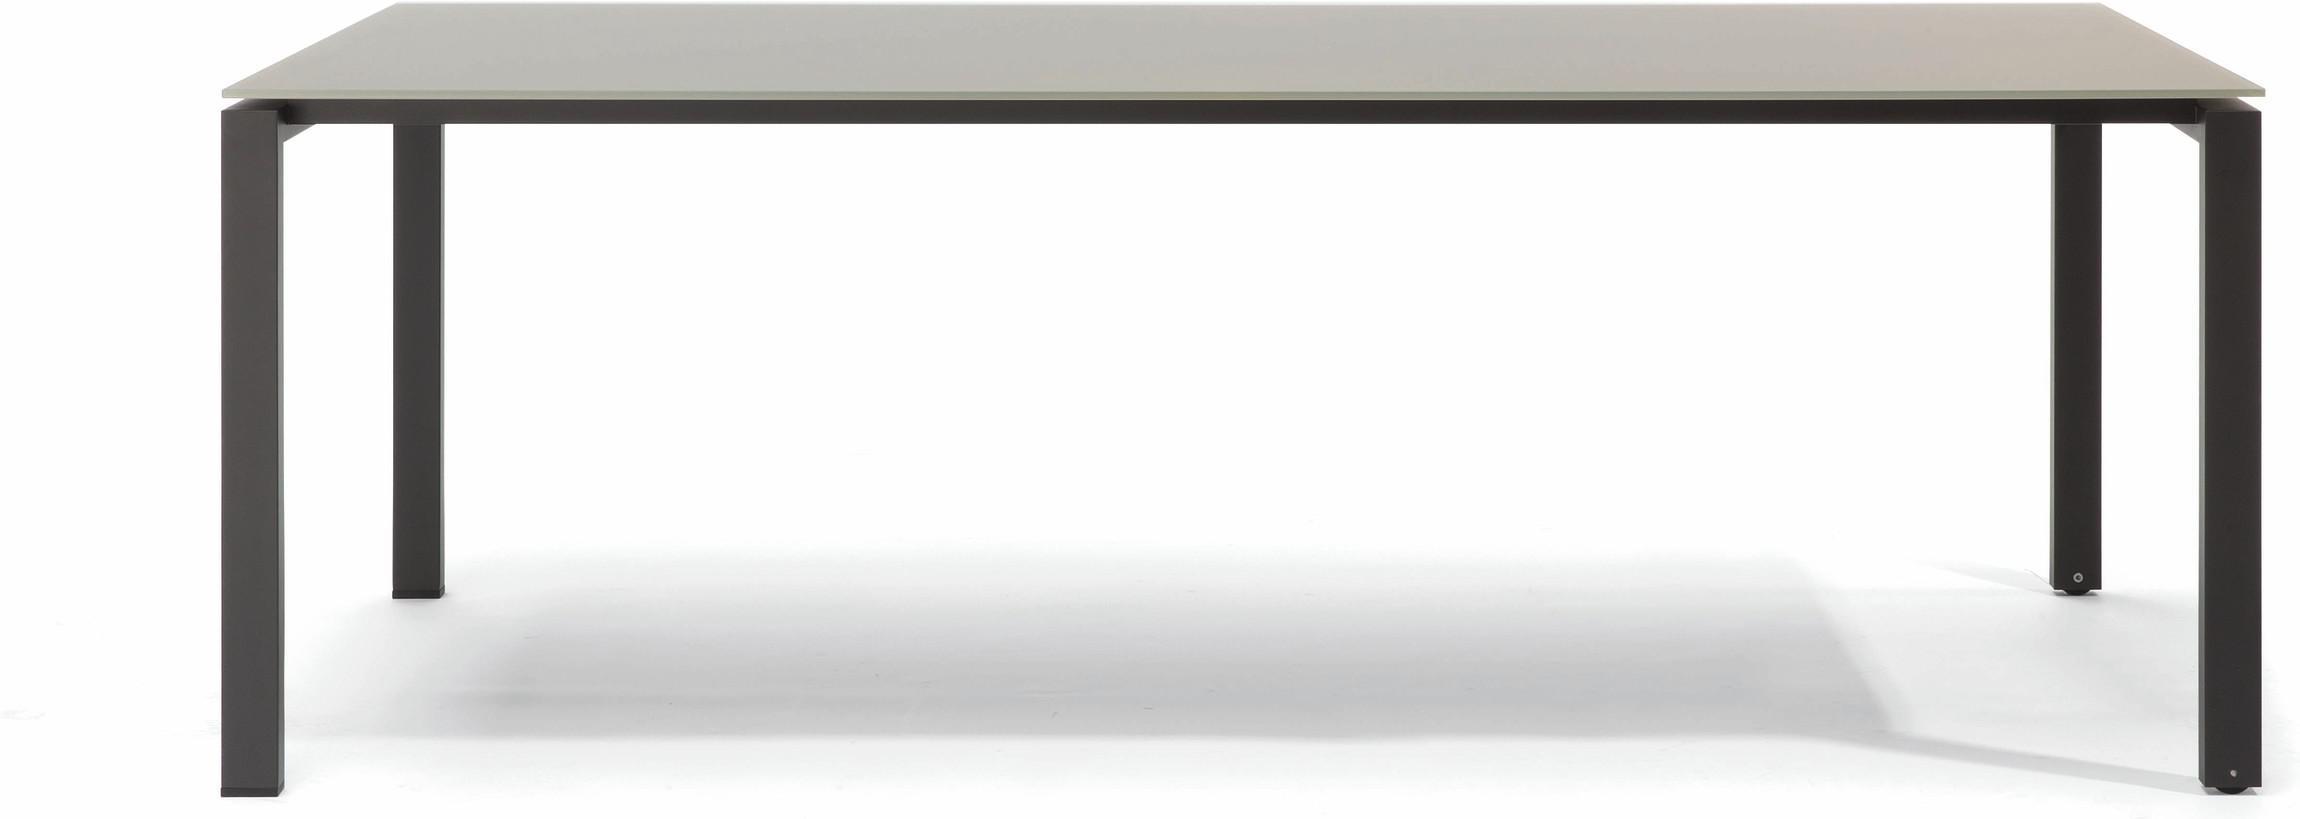 Table à manger Trento - céramique perle 6mm EL 212,5